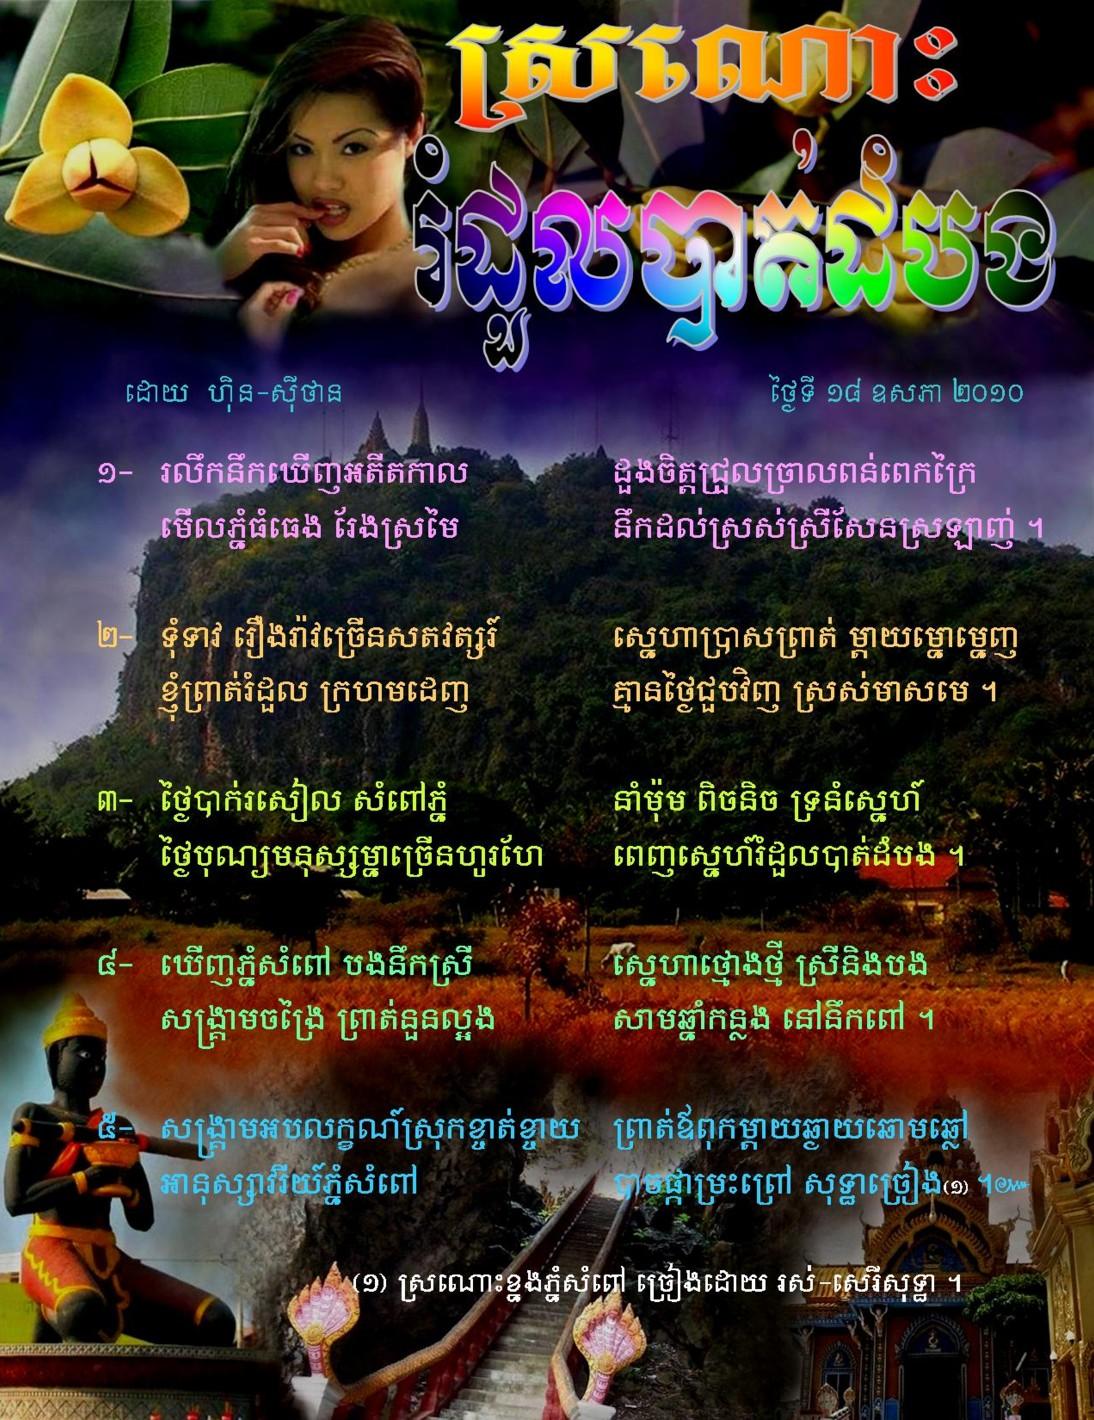 http://1.bp.blogspot.com/_vlvubHZqDjc/S_NaaqFBCaI/AAAAAAAABCY/3A9nSlCirHg/s1600/Sronoss%20Romduol%20Battambang.jpg